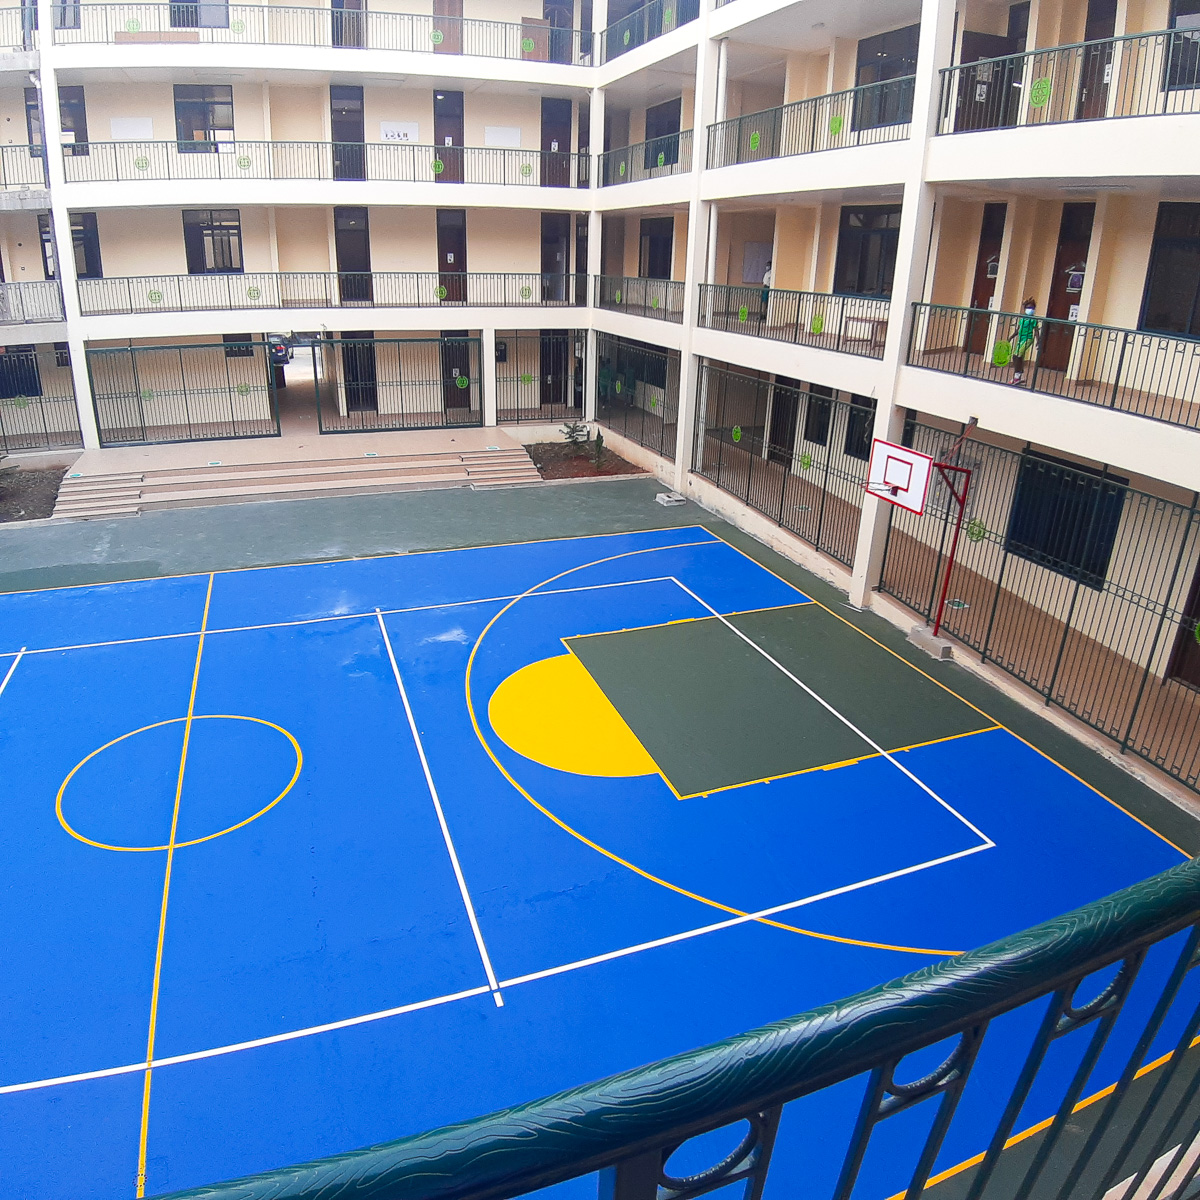 ICS Ghana Accra Campus